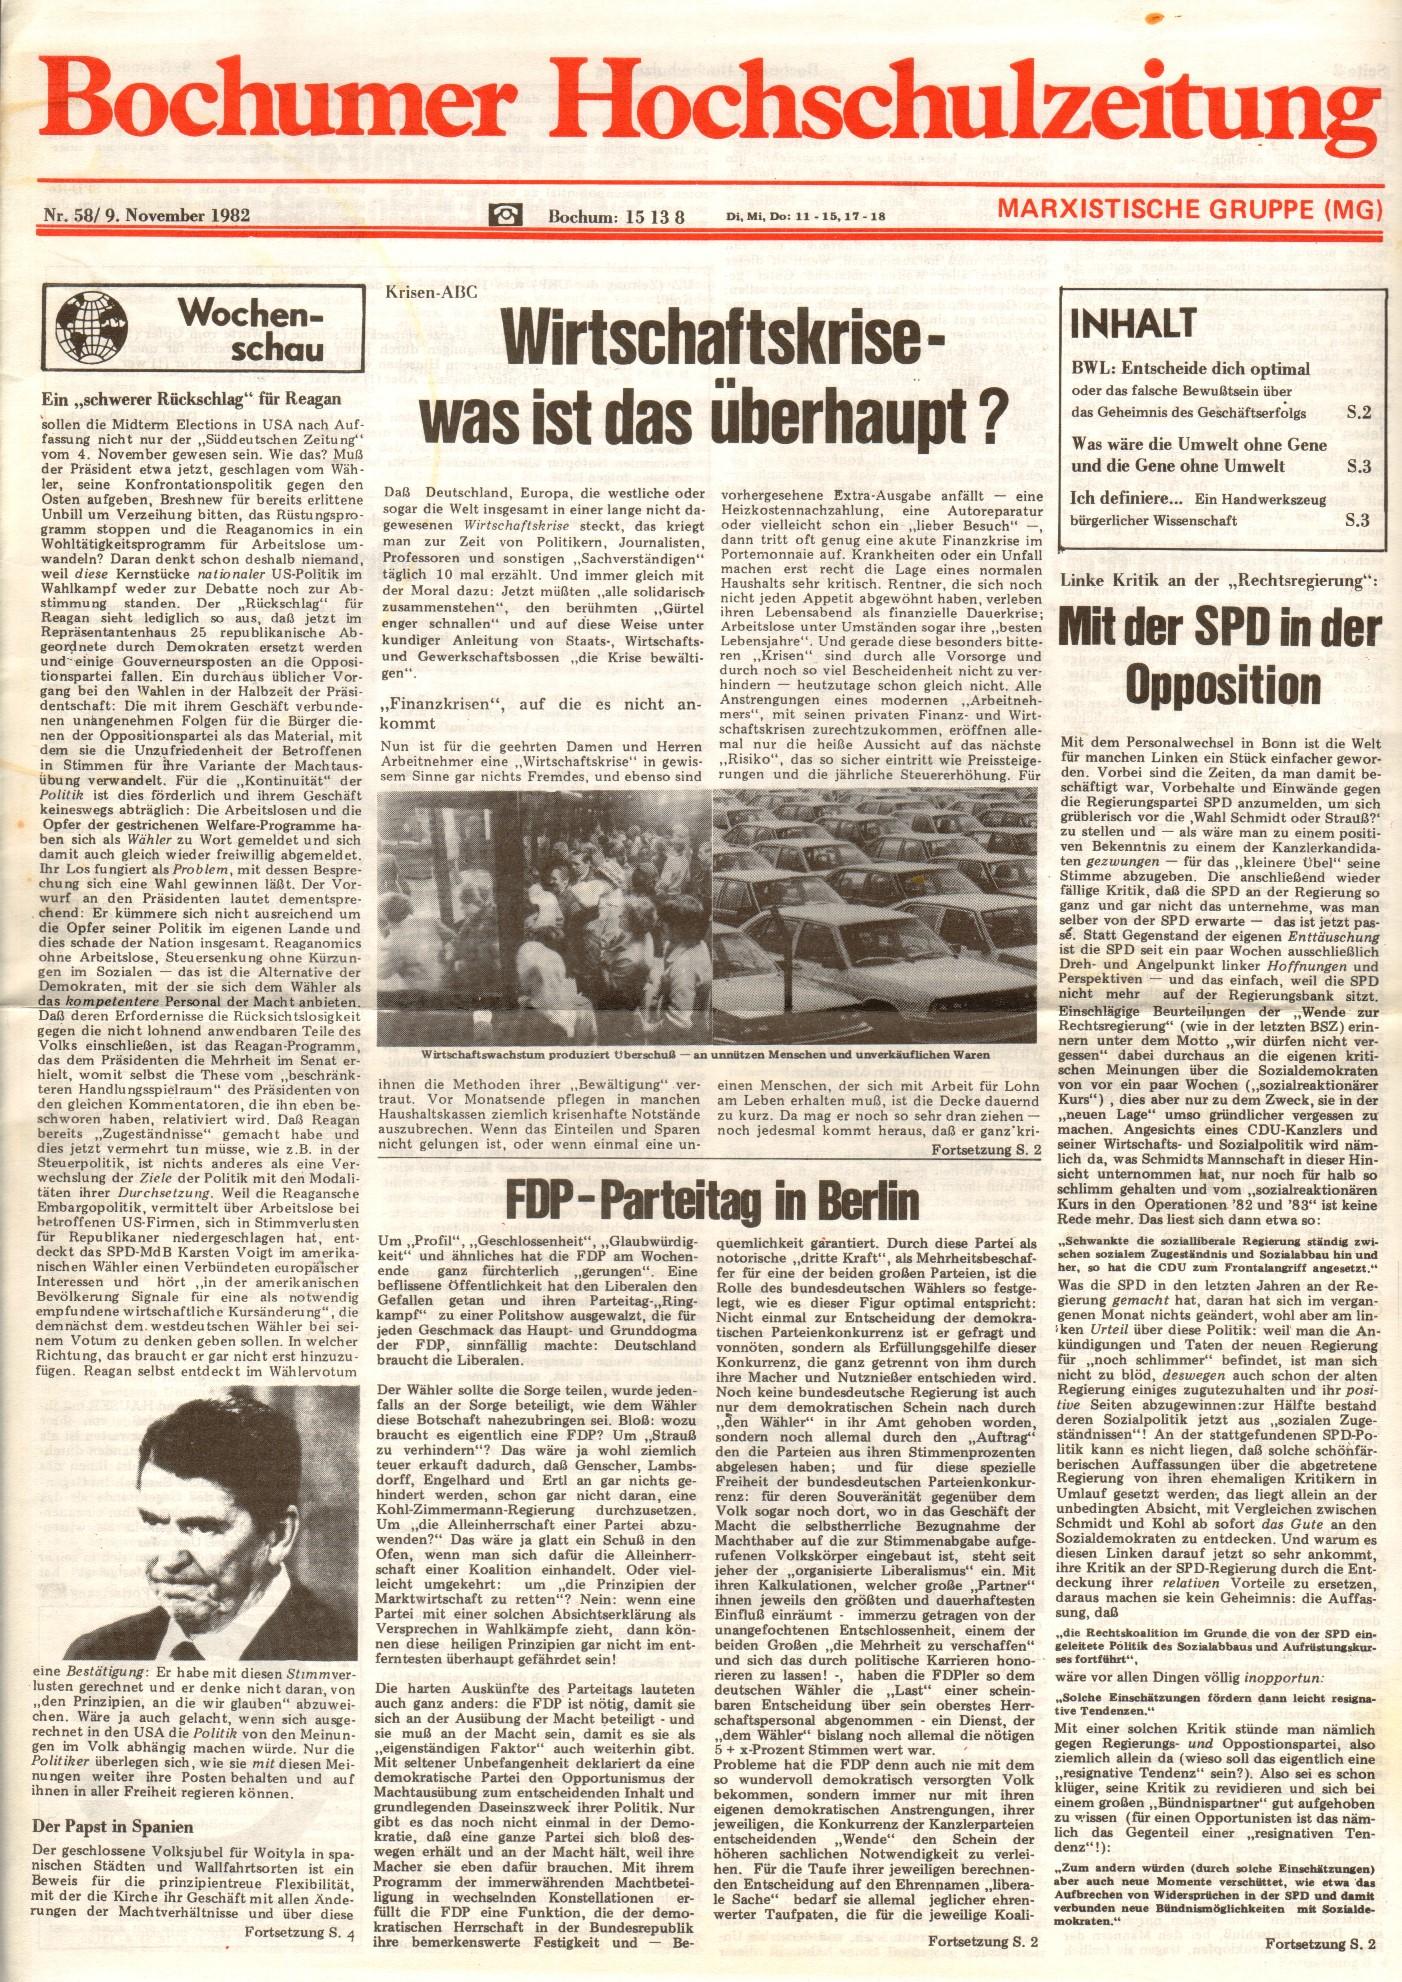 MG_Bochumer_Hochschulzeitung_19821109_01